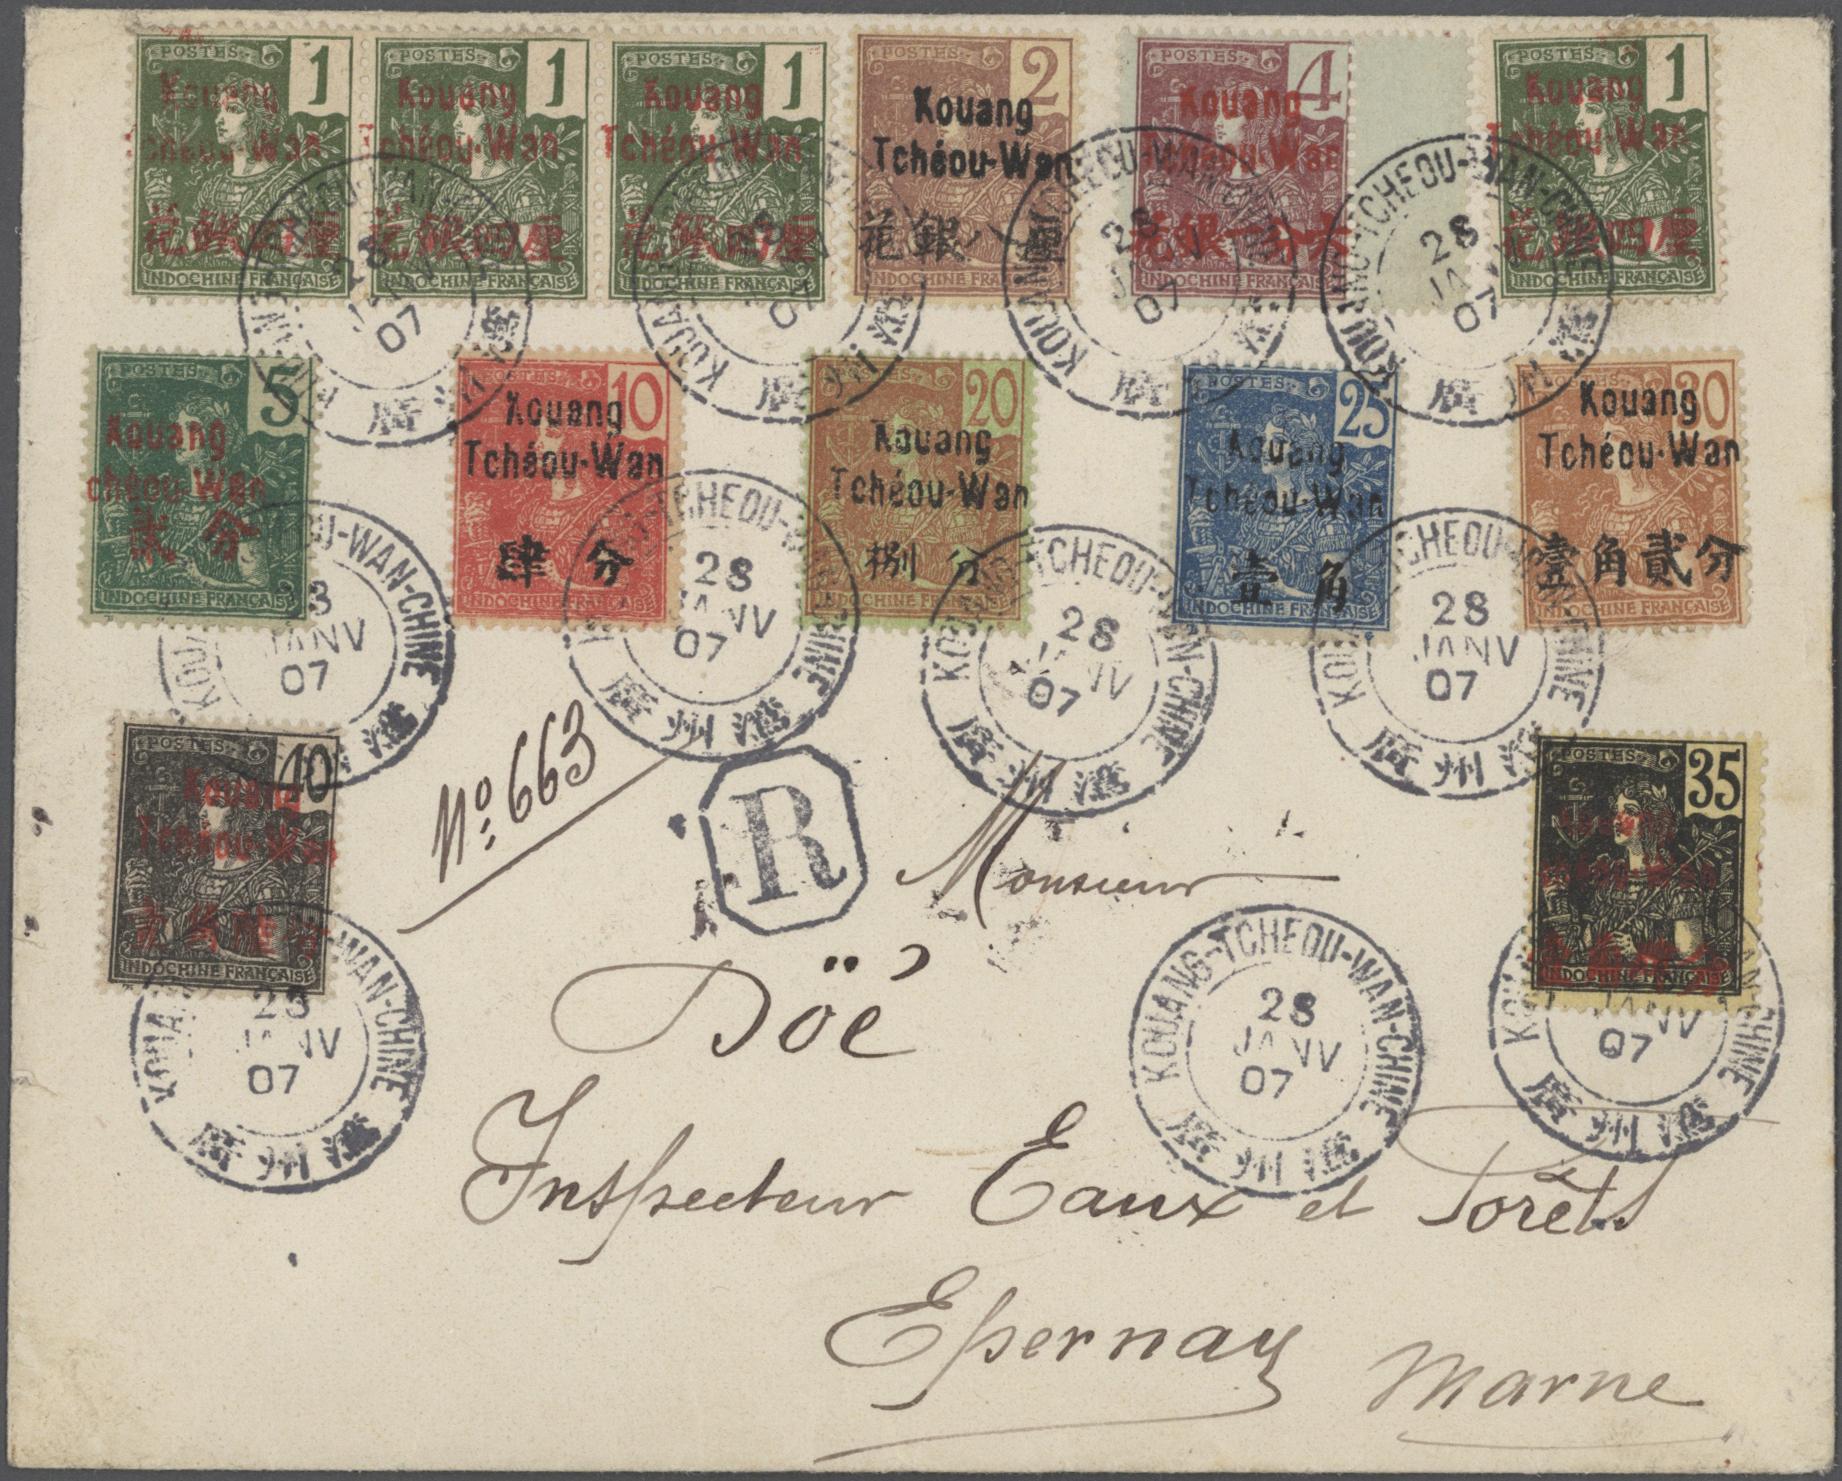 Stamp Auction - französisch-indochina - Auction #40 Europe